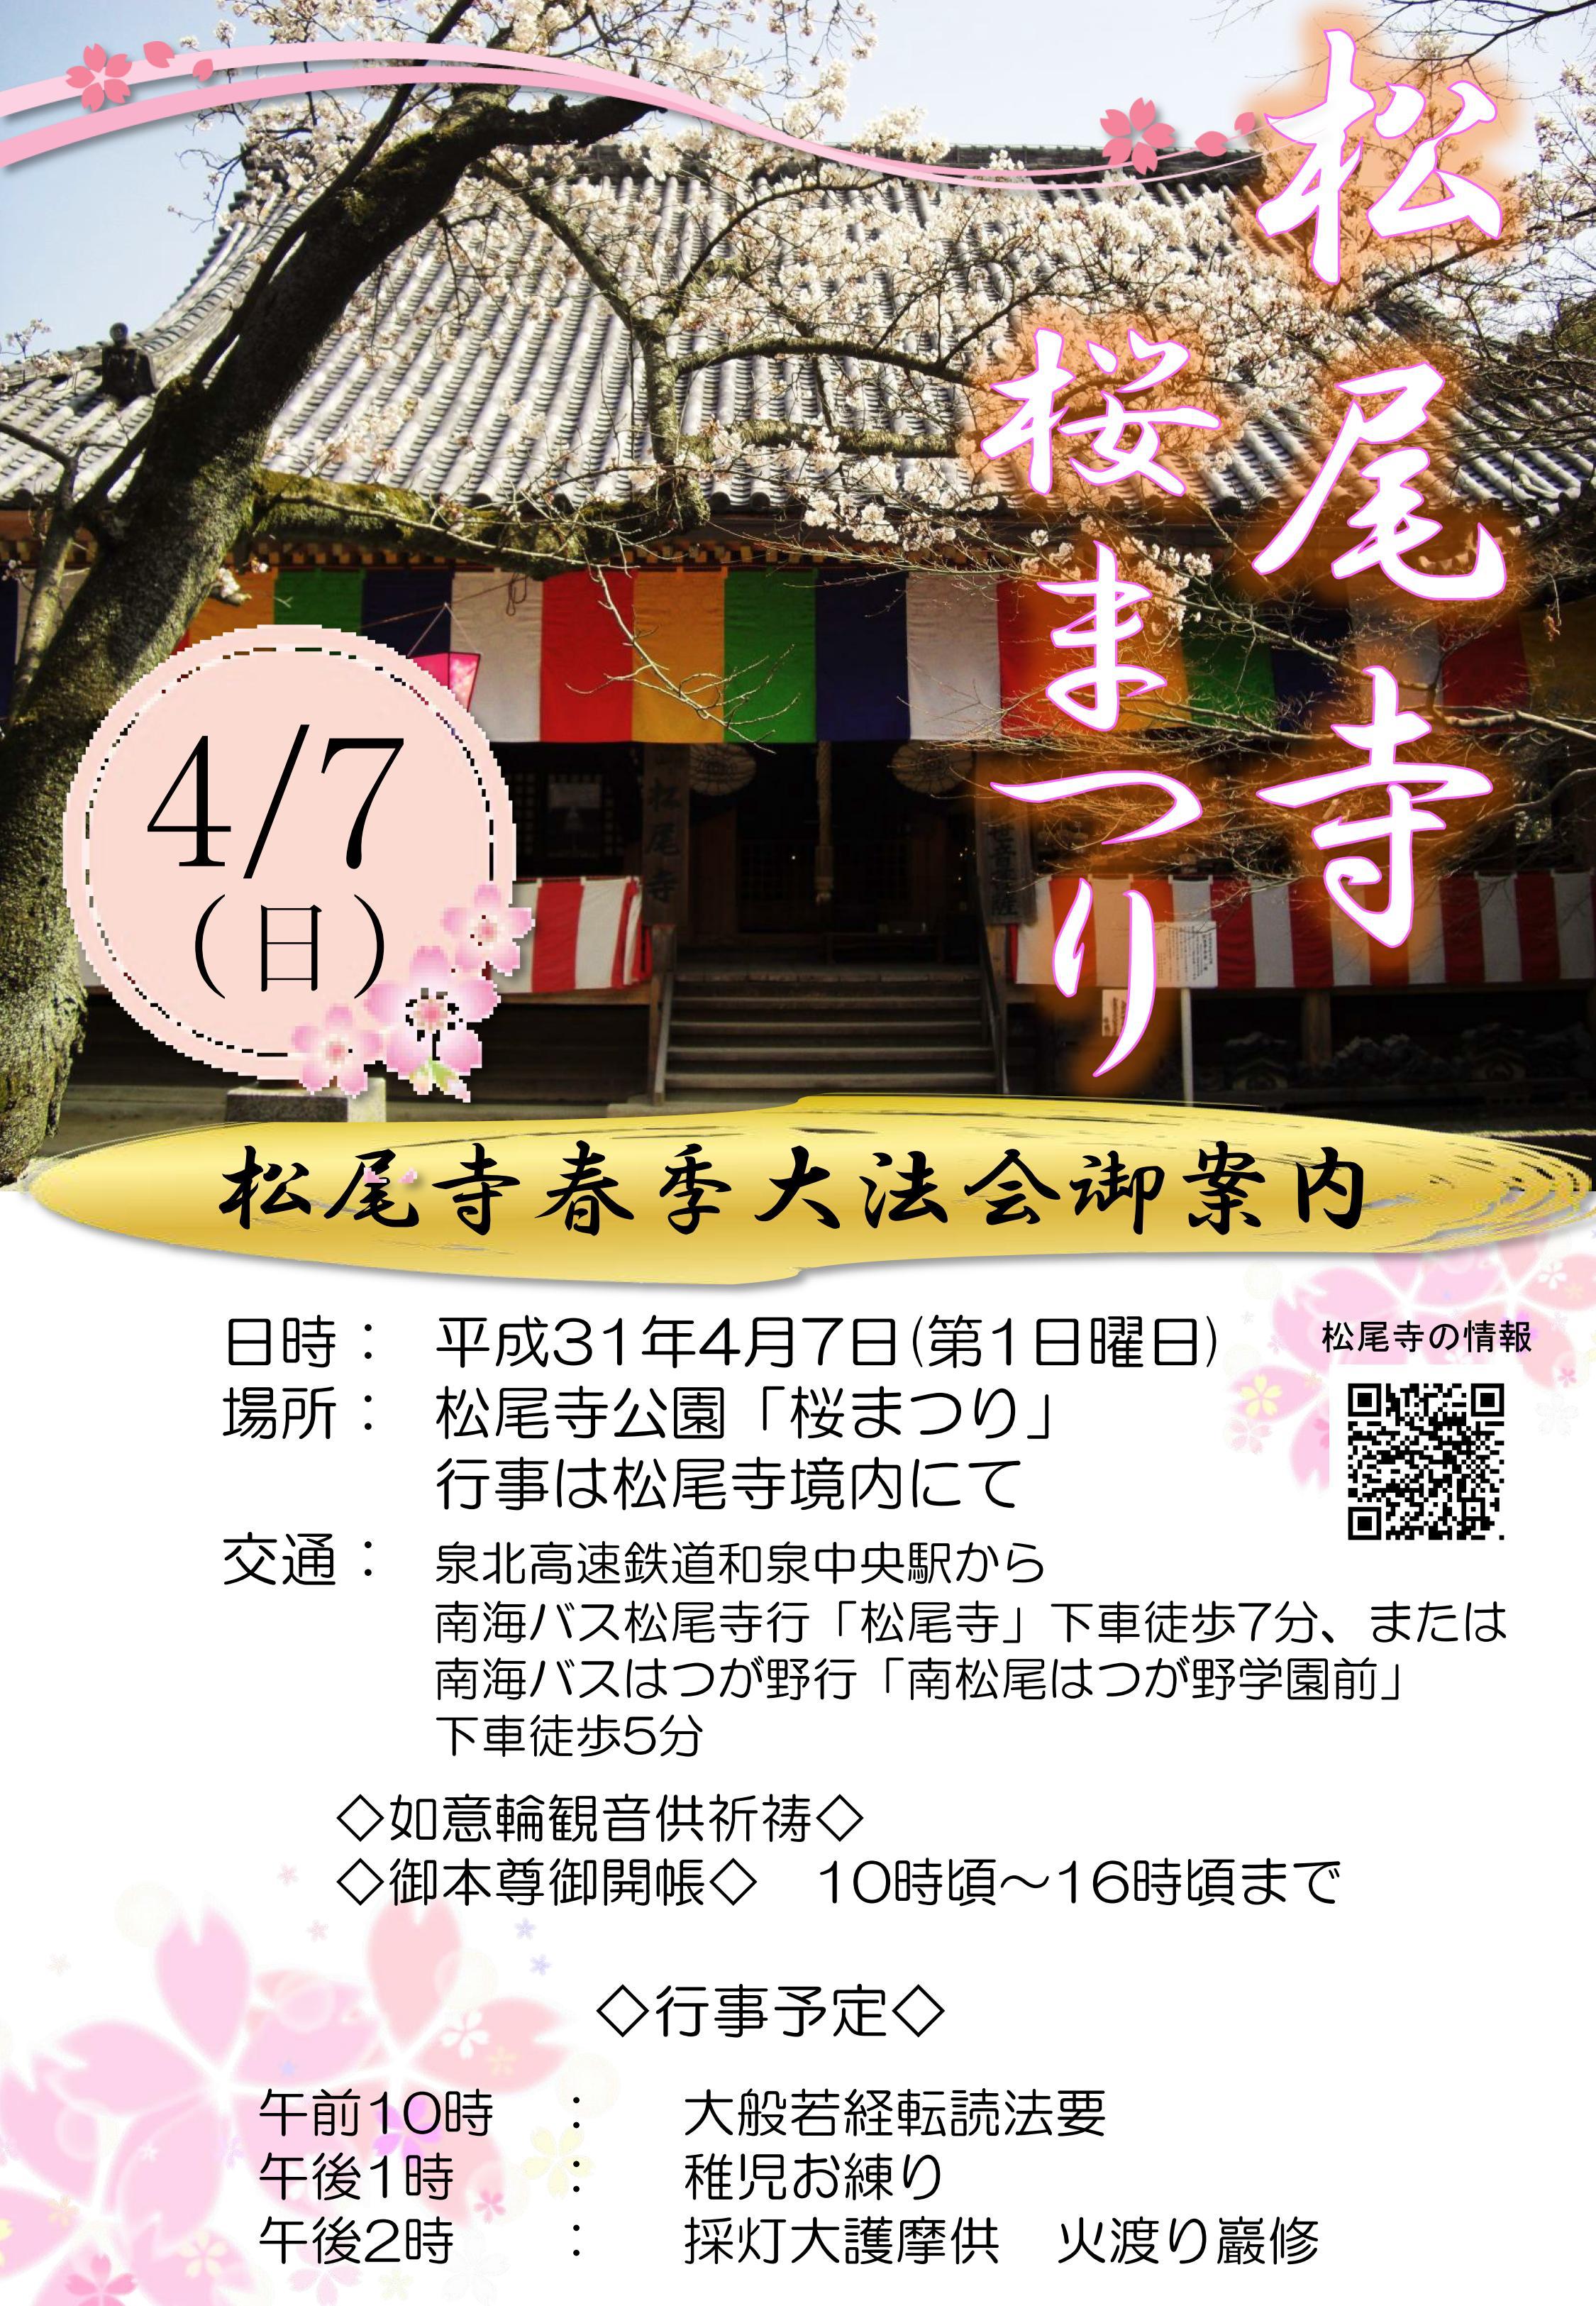 【終了】松尾寺【桜まつり】2019年4月7日(日)開催!